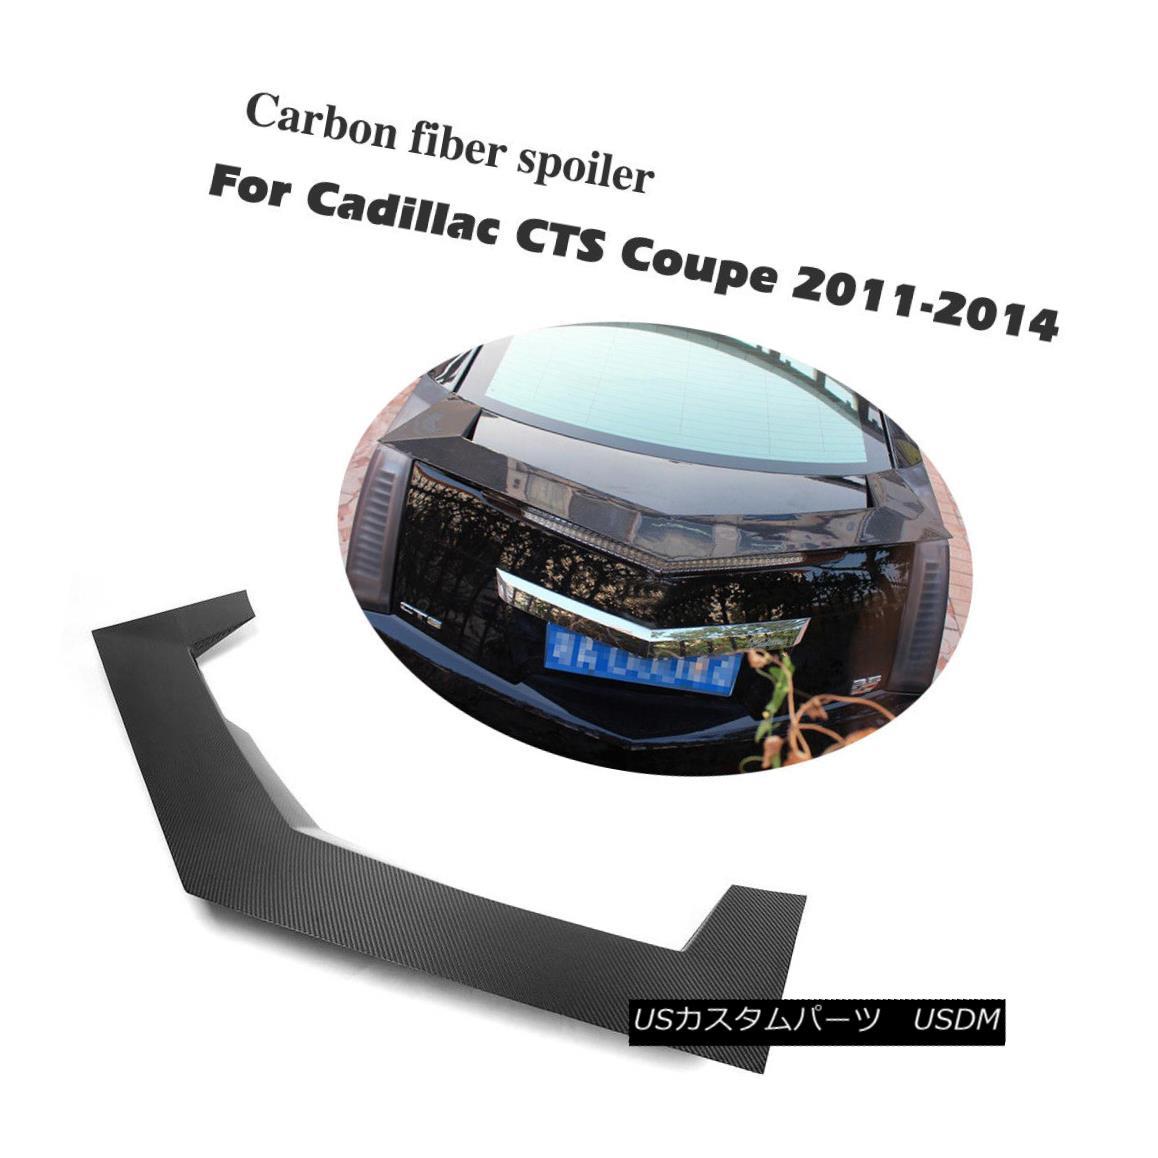 エアロパーツ Carbon Fiber Rear Bumper Spoiler Boot Wings Lip Fit for Cadillac CTS Coupe 11-14 キャデラックCTSクーペ11 - 14のためのカーボンファイバーリアバンパースポイラーブーツウィングリップフィット